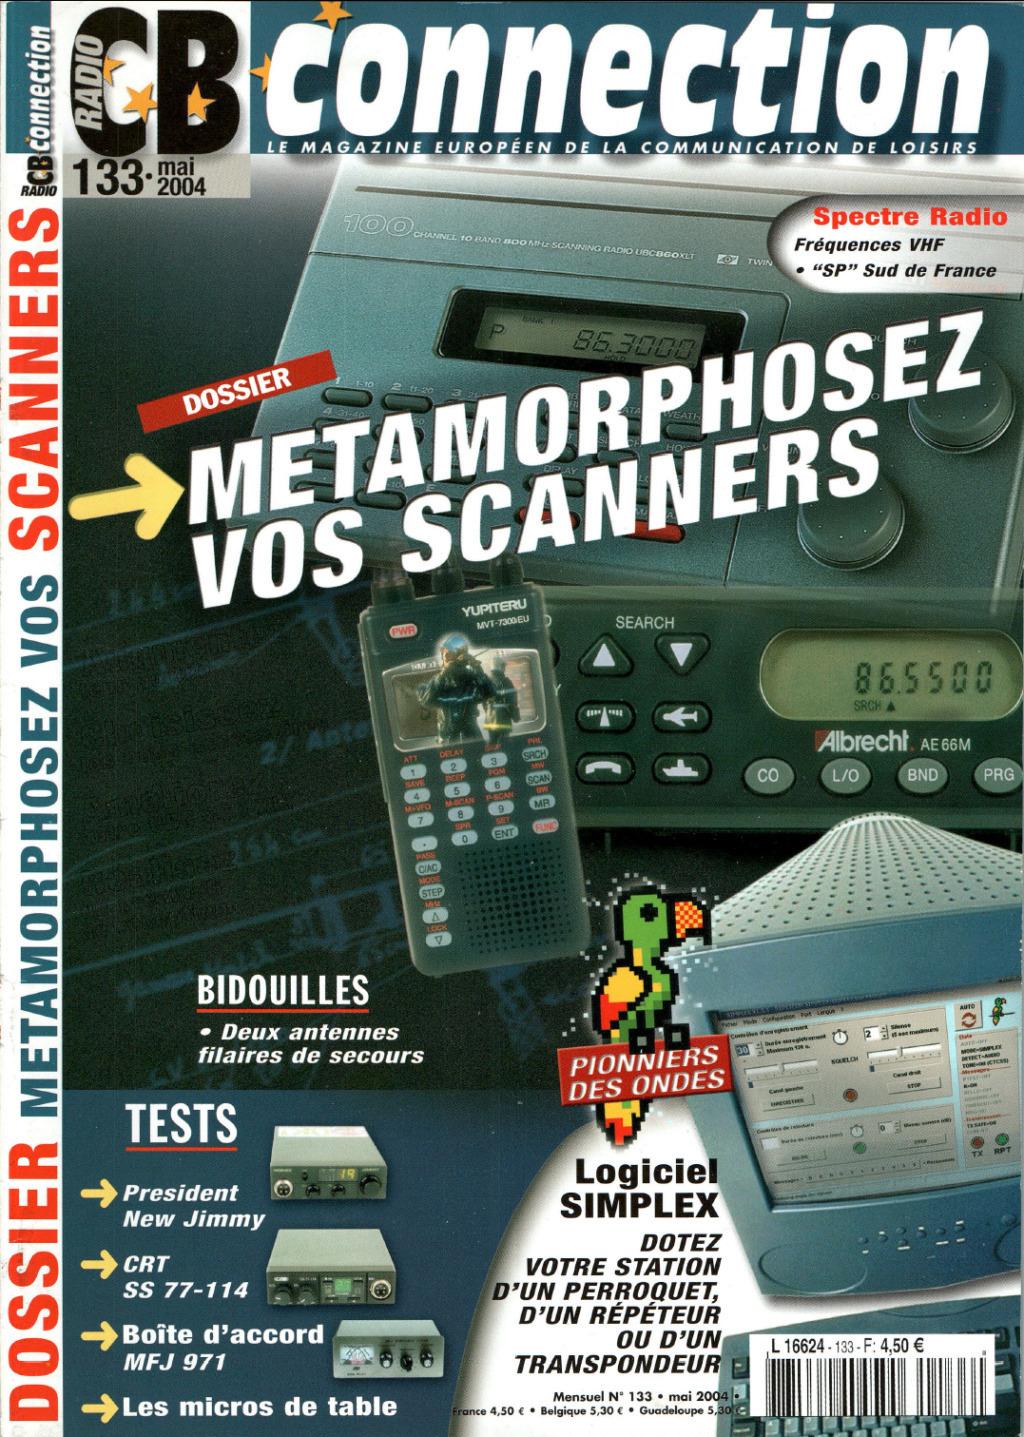 RadioCBconnection - Radio connection (Magazine (Fr.) Captu305